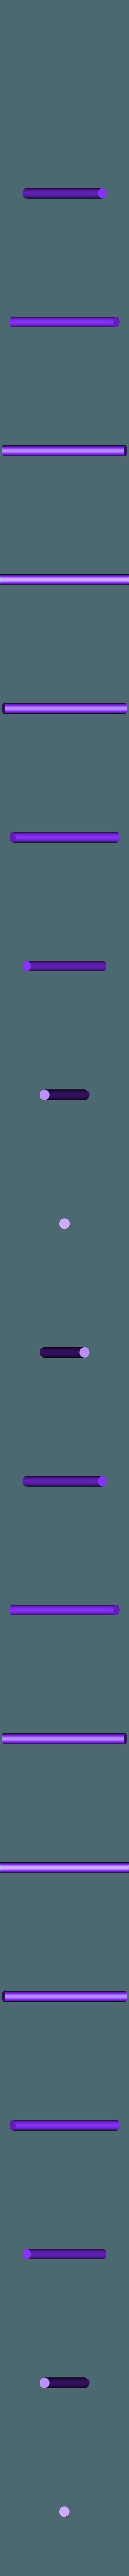 axle_3_5.STL Télécharger fichier STL gratuit MEGA Expansion 200+ Pièces • Plan à imprimer en 3D, Pwentey